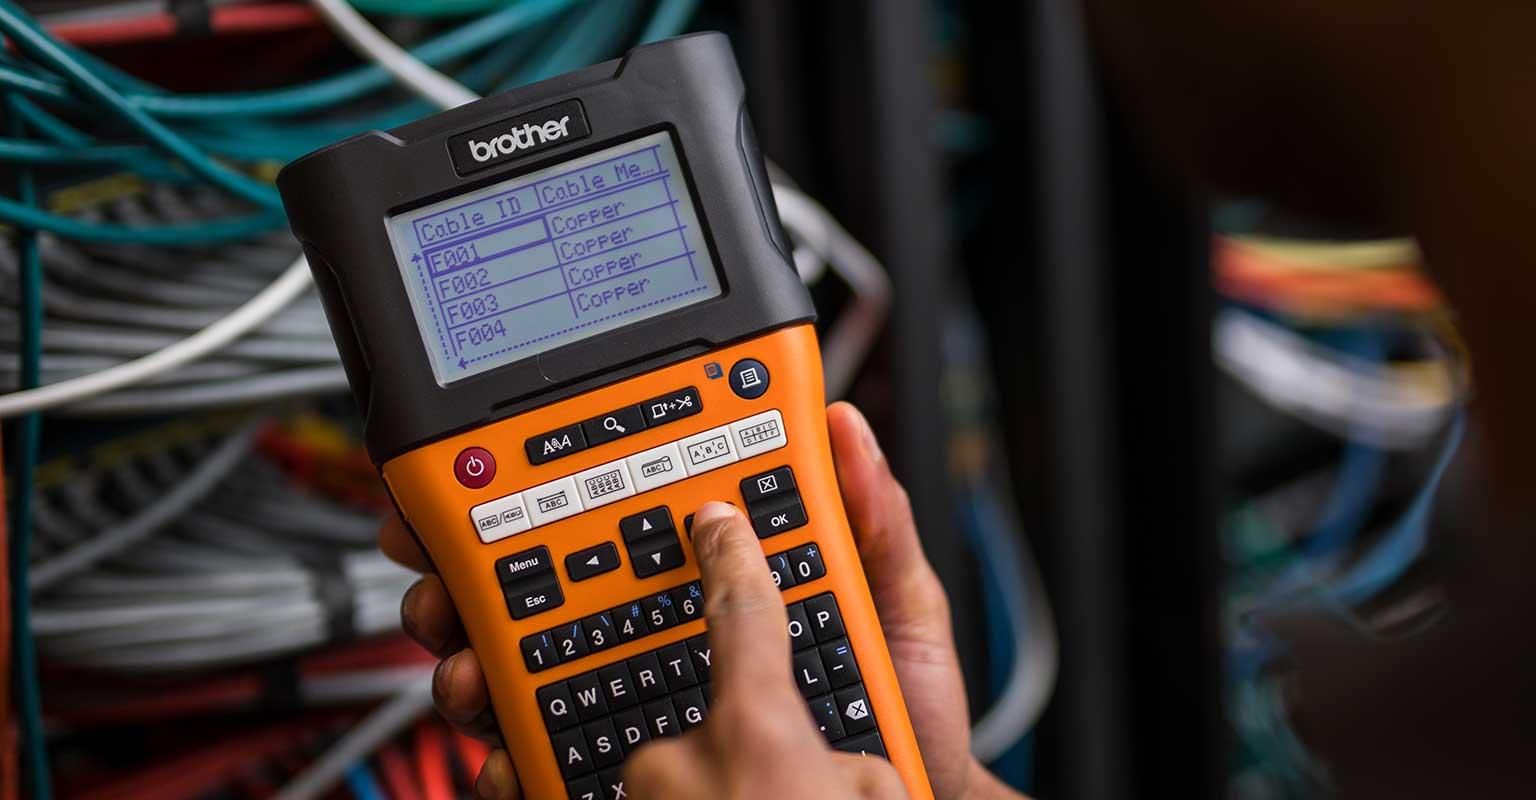 PT-E550W-tarratulostimella valitaan kaapeleiden tunnisteita.